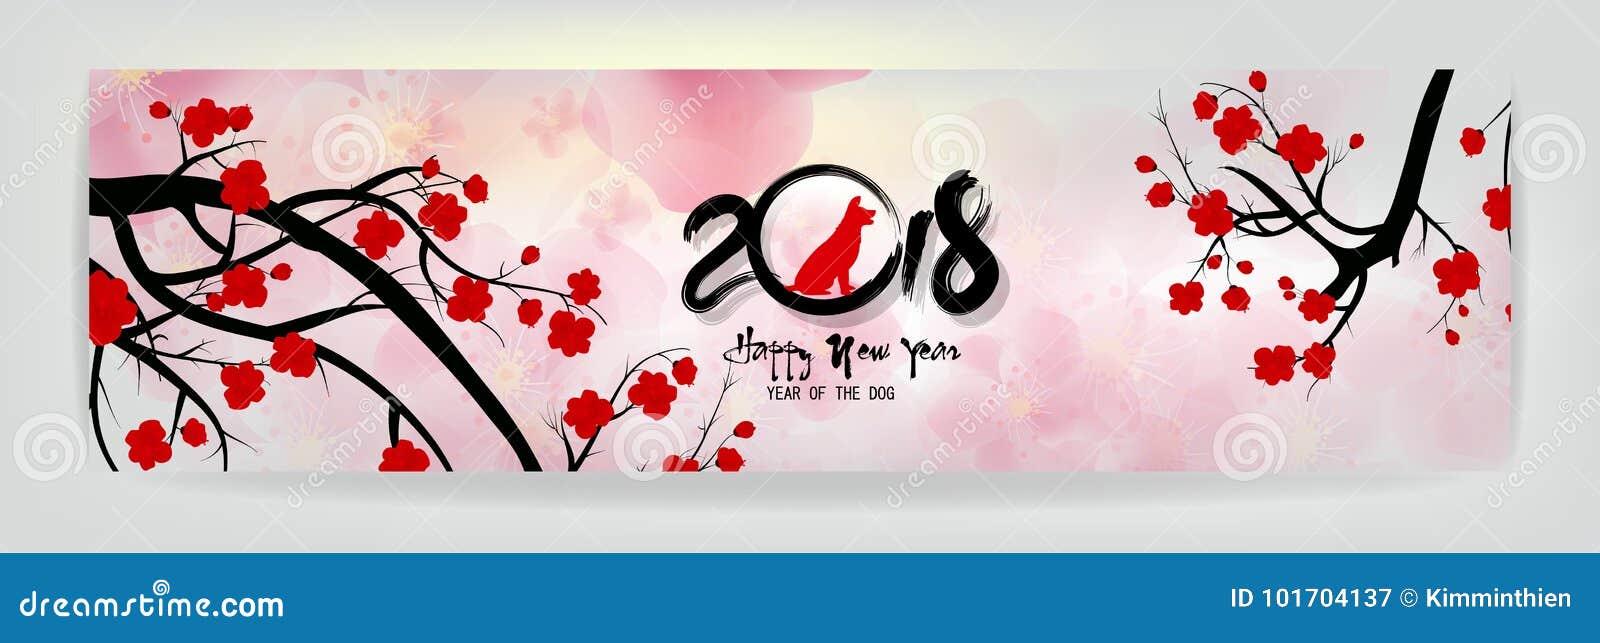 Fije la tarjeta 2018 de felicitación de la Feliz Año Nuevo de la bandera y el Año Nuevo chino del perro, fondo de la flor de cere